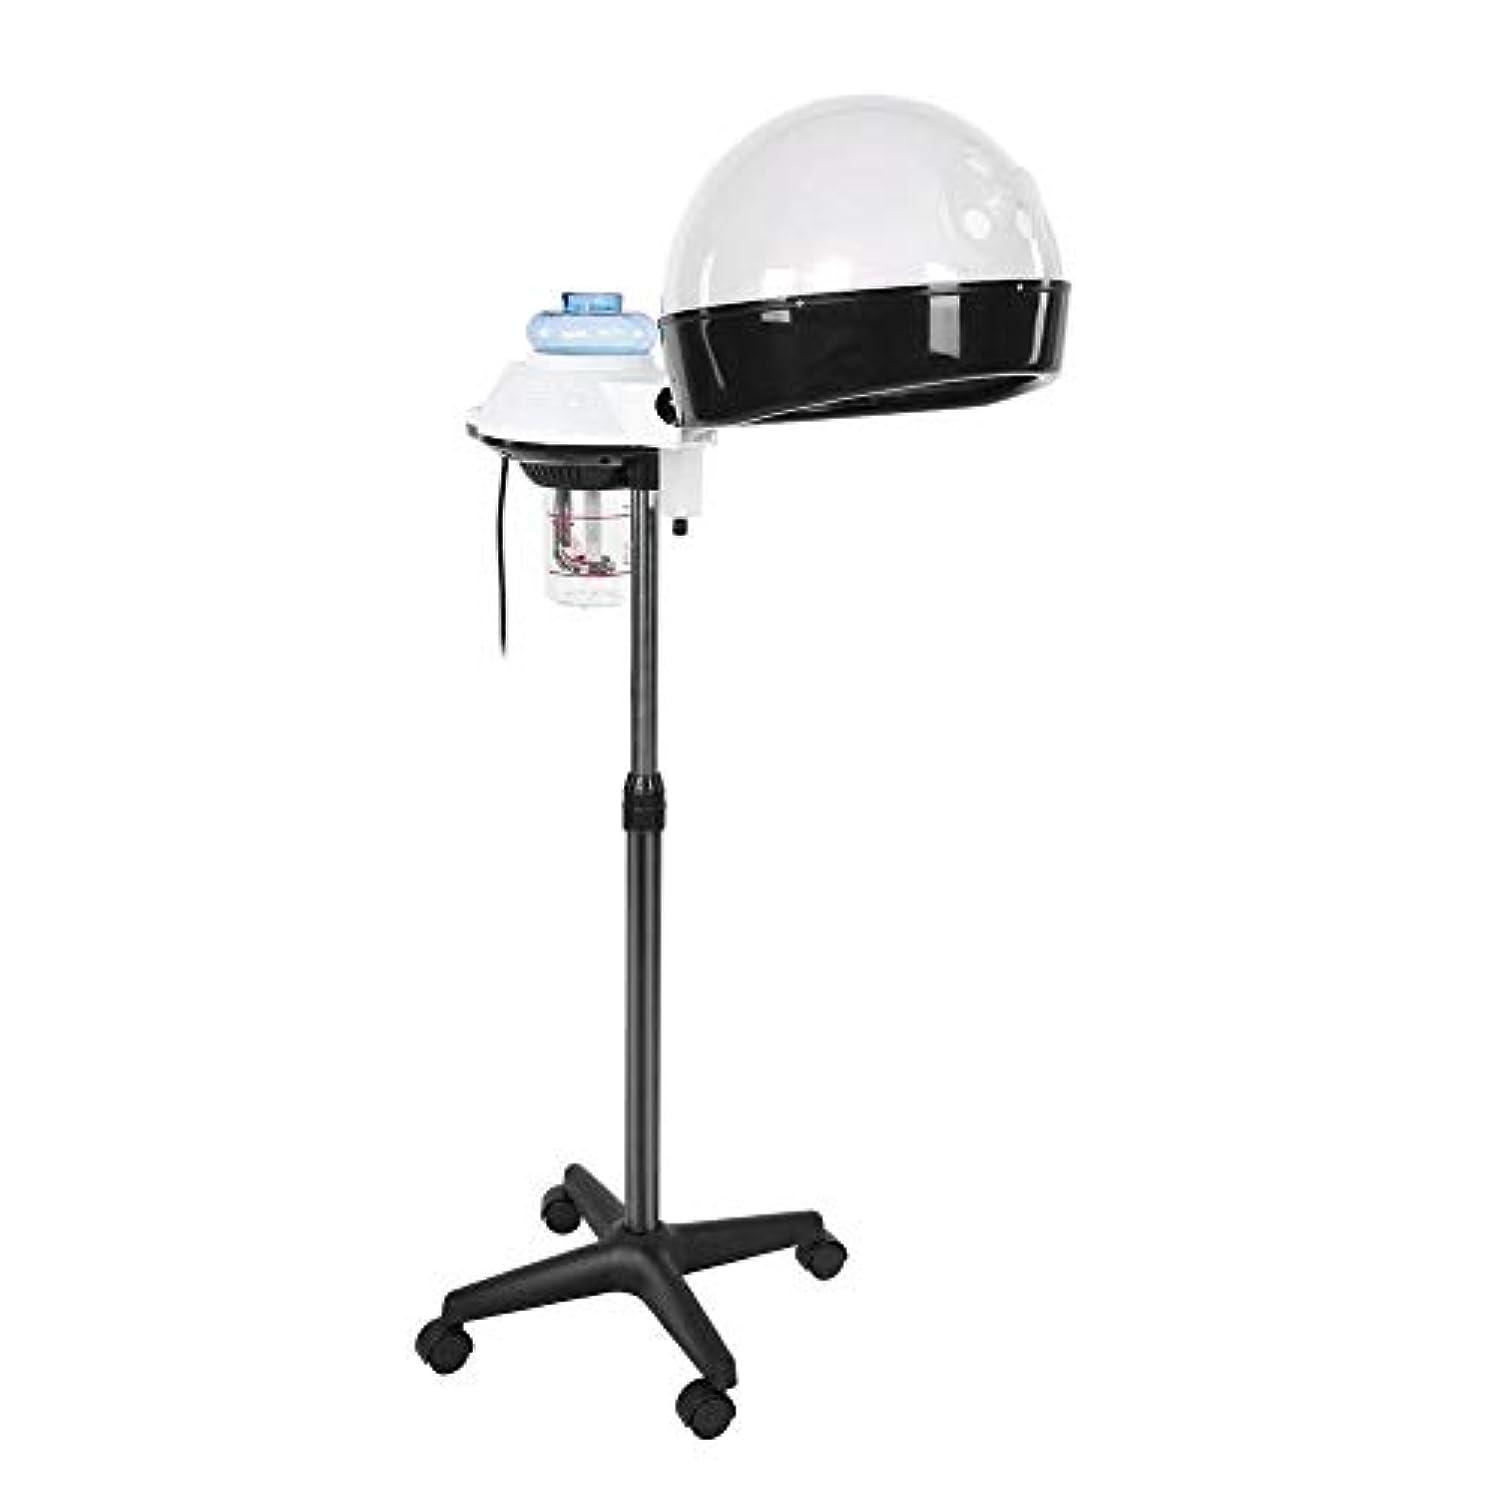 単語有限肉腫ヘア 加湿器 パーソナルケア用のデザイン ホットミストオゾンヘアセラピー美容機器 個人用家庭用 (US)